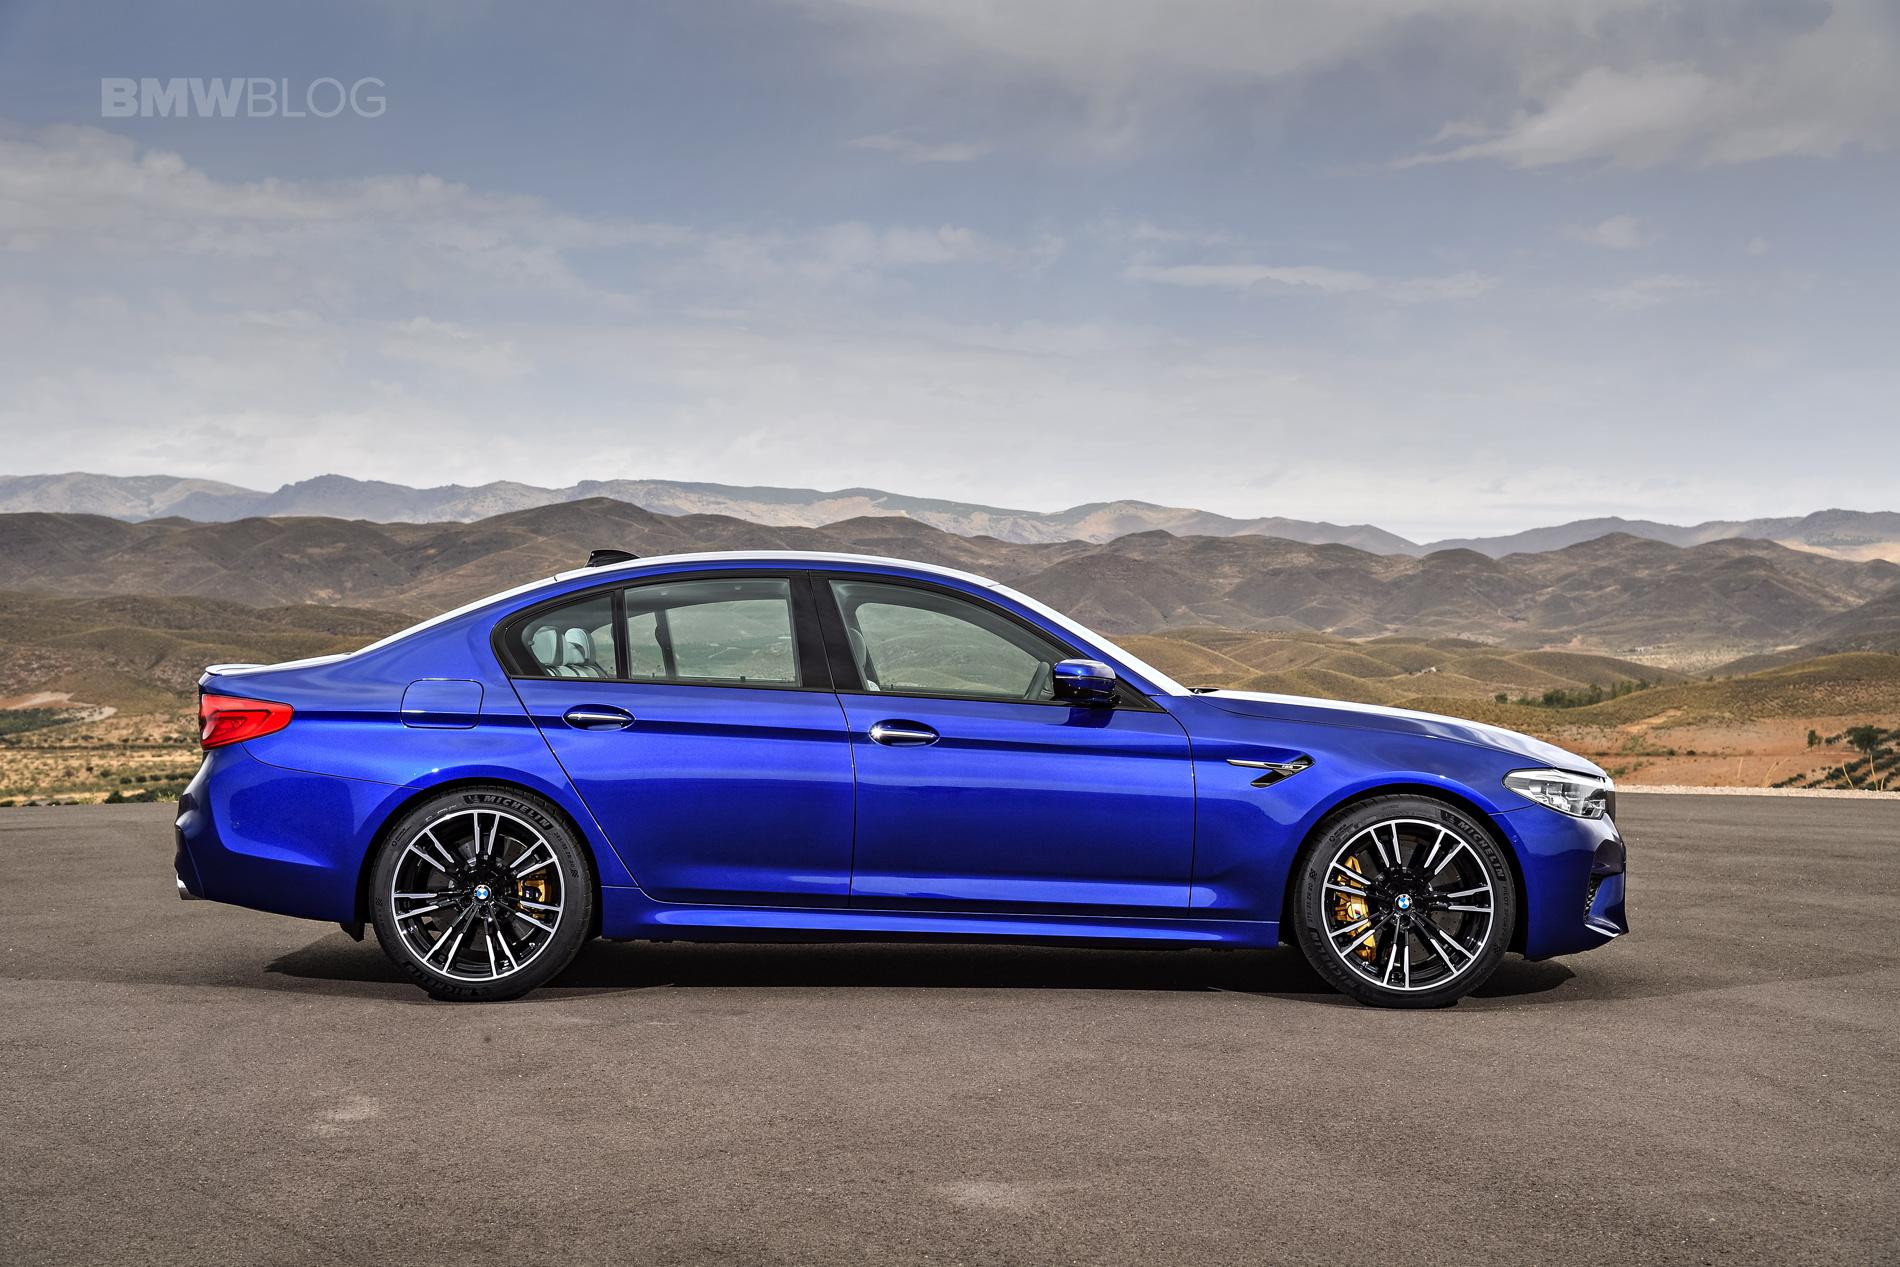 2018 BMW M5 exterior 22